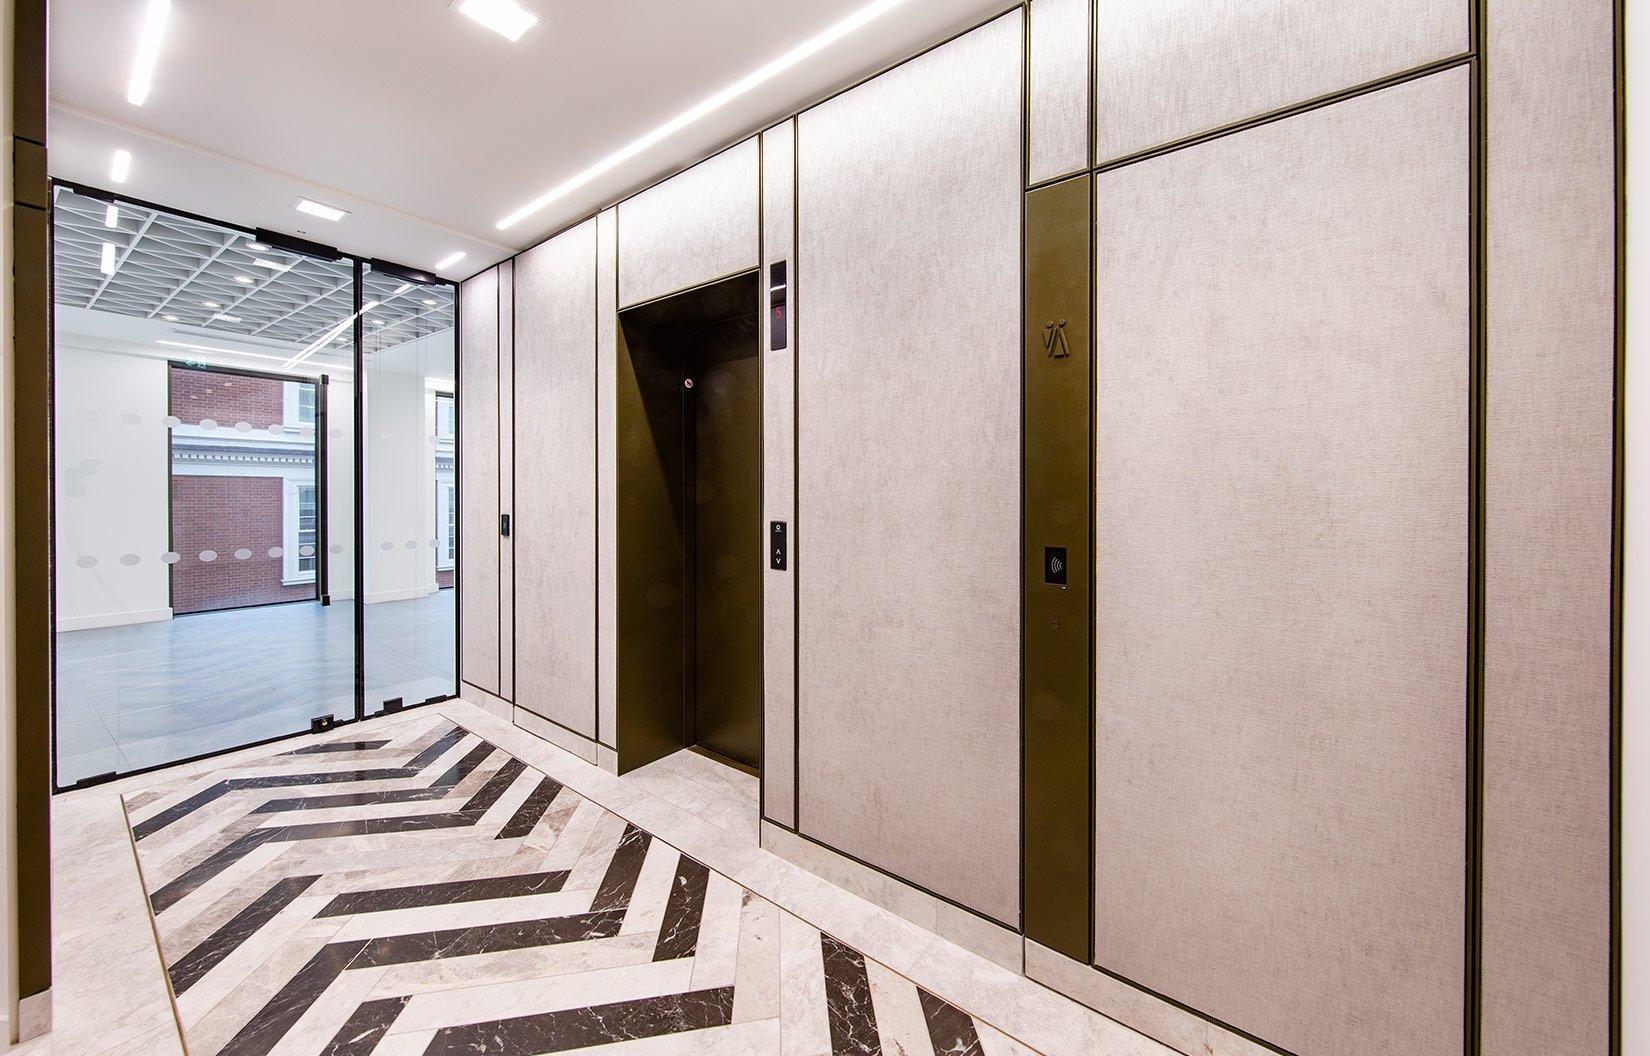 Nash House, Mayfair, London, Lift lobby area